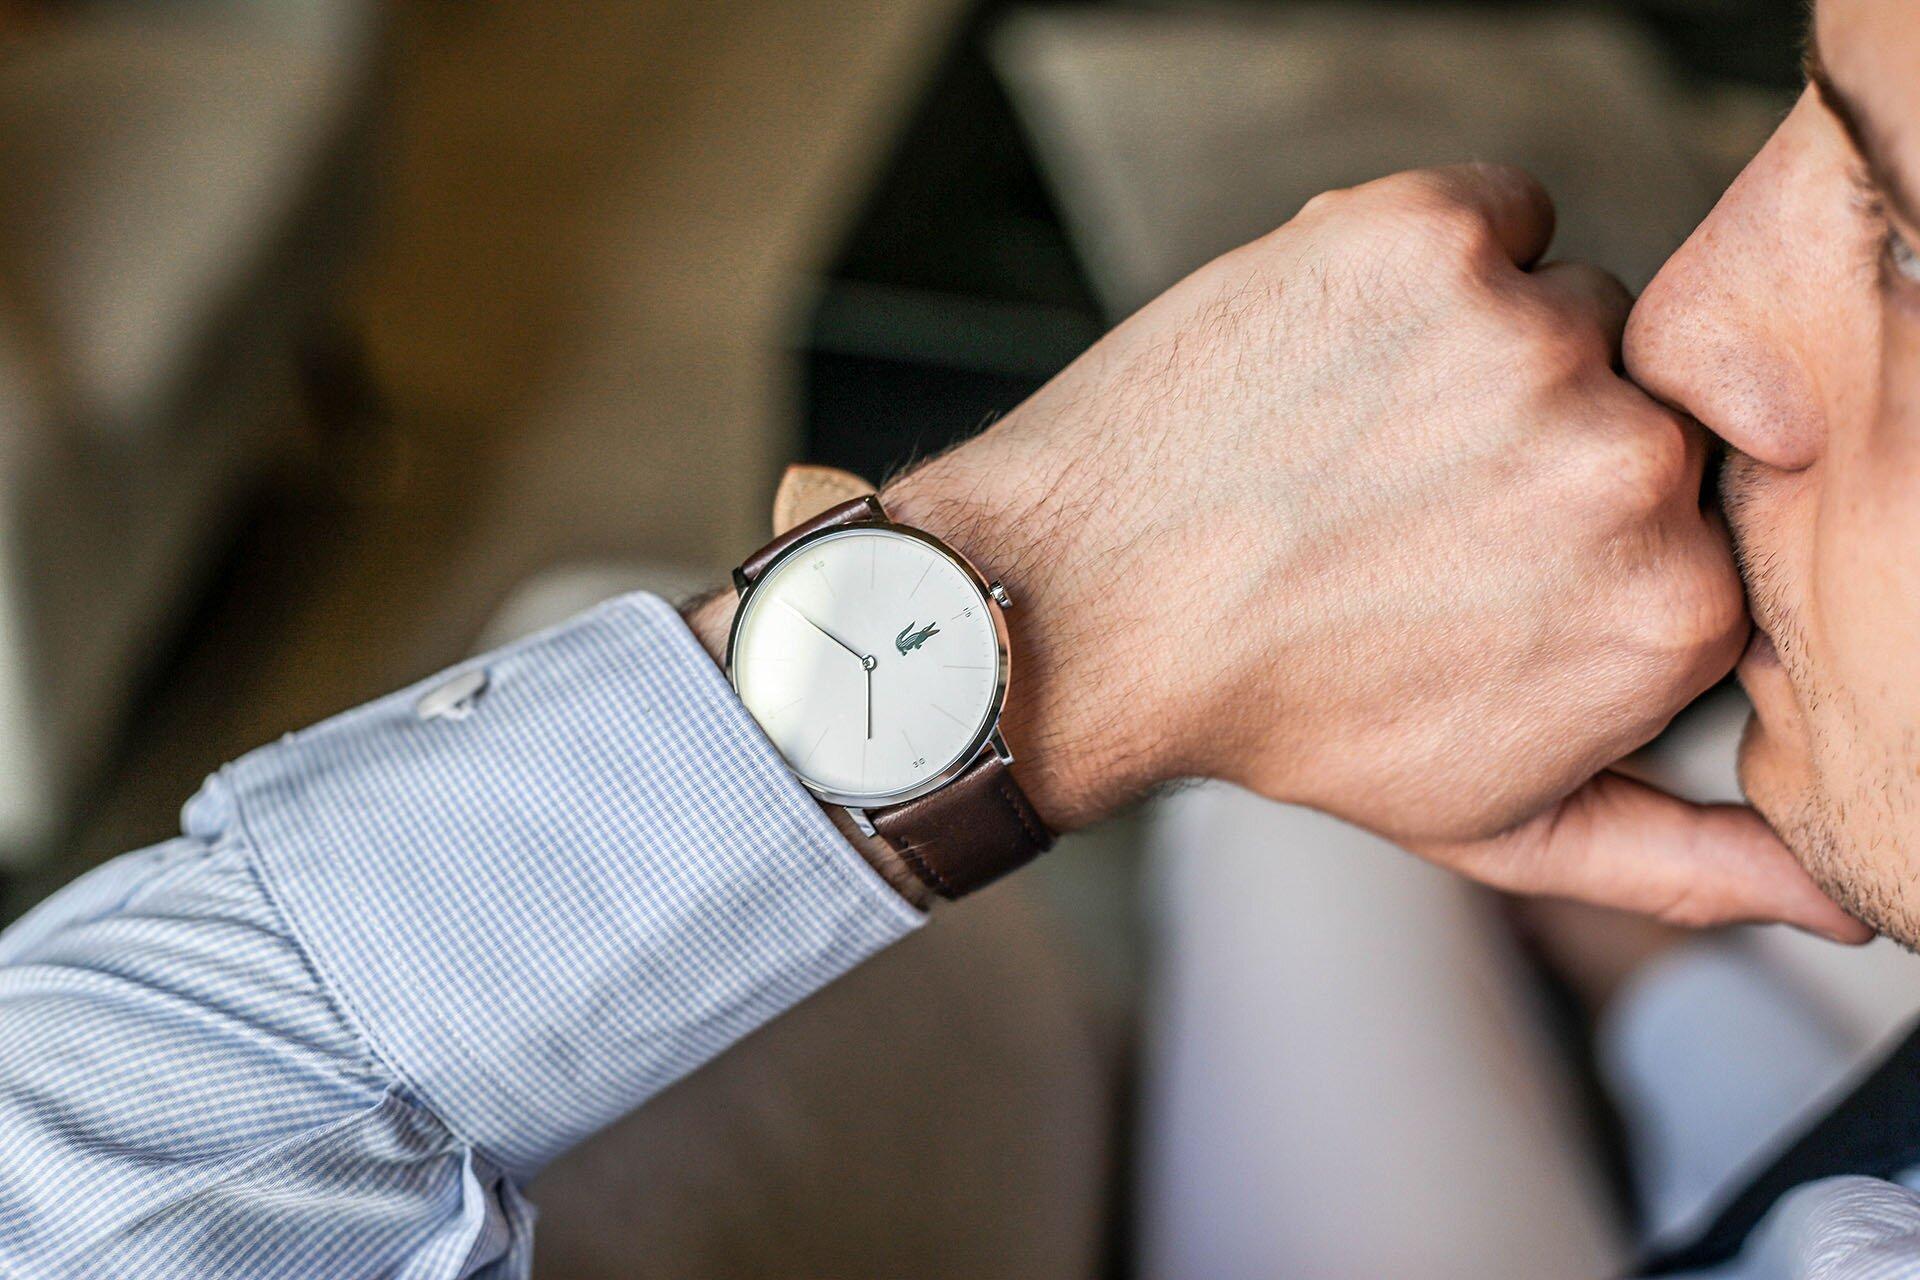 Klasyczne zegarki męskie, Zegarek Lacoste, GMALE, Grzegorz Paliś, Blog o modzie męskiej